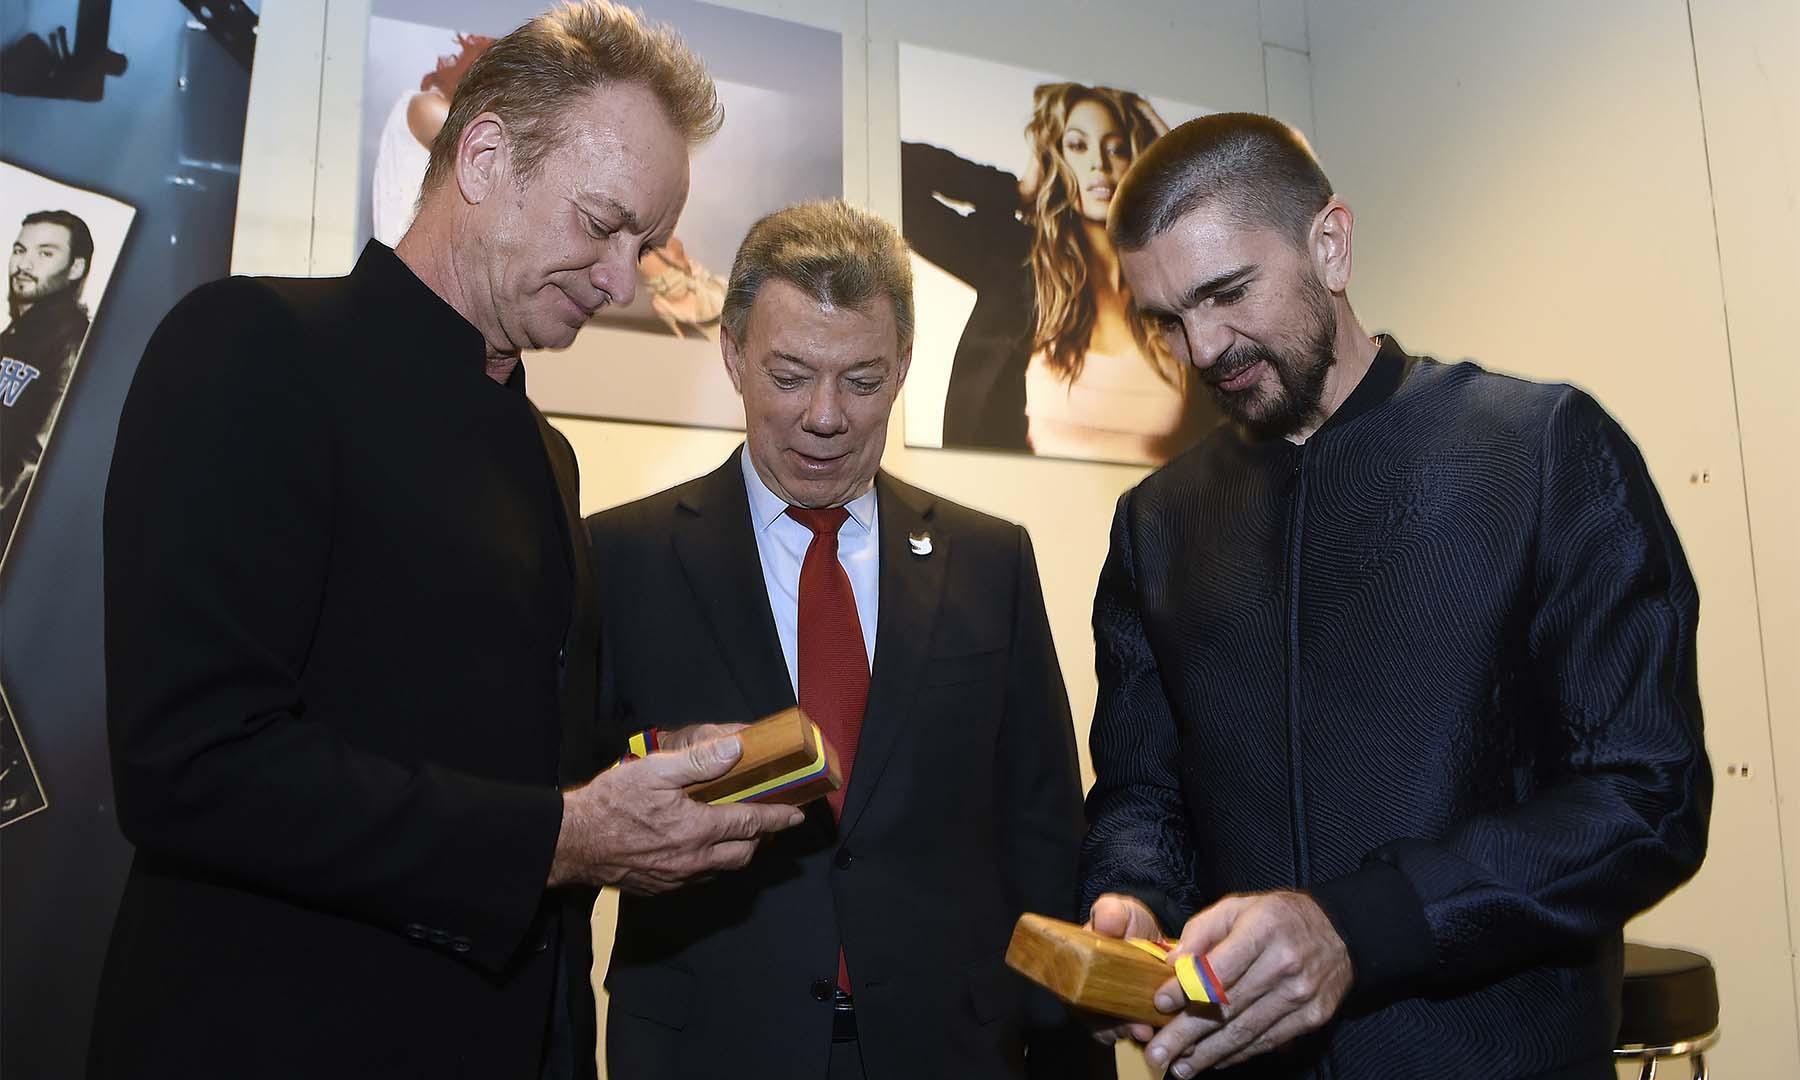 El cantante británico Sting y el colombiano Juanes reciben del Presidente y Premio Nobel de Paz 2016, Juan Manuel Santos, sendas réplicas del balígrafo con el que se firmó el Acuerdo de Paz.